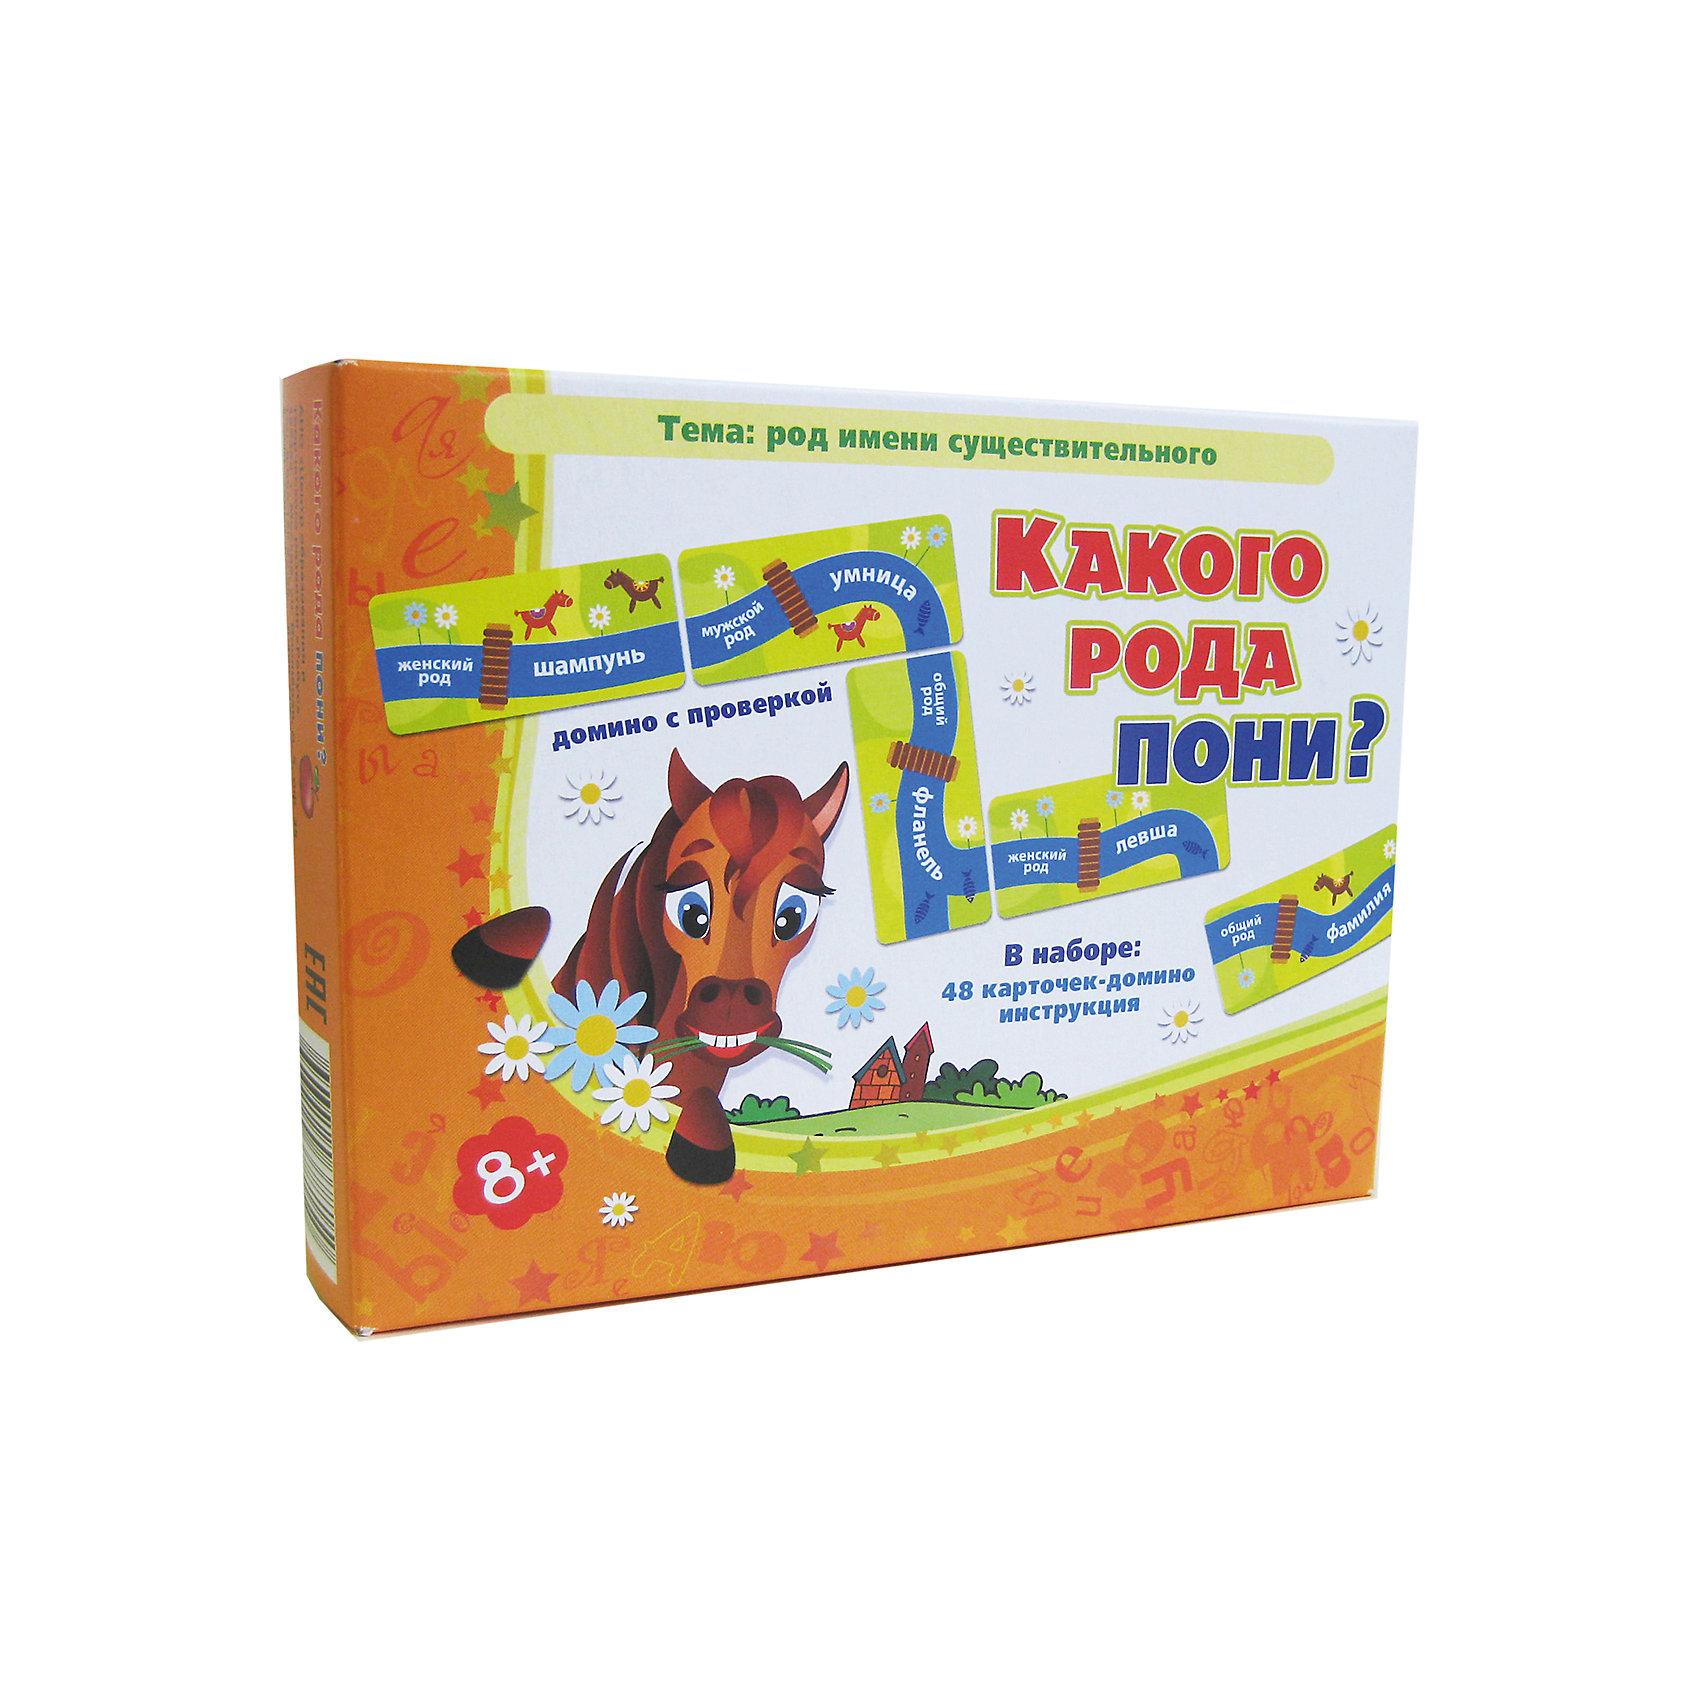 Какого рода пони?, Игротека Татьяны БарчанДомино<br>Какого рода пони?, Игротека Татьяны Барчан.<br><br>Характеристики:<br><br>• Для детей в возрасте: от 8 лет<br>• В комплекте: 48 карточек-домино со словами, инструкция<br>• Тема: Род имени существительного<br>• Материал: плотный качественный картон<br>• Производитель: ЦОТР Ребус (Россия)<br>• Упаковка: картонная коробка<br>• Размер упаковки: 135х180х40 мм.<br>• Вес: 132 гр.<br><br>Эта настольная игра научит мальчиков и девочек правильно определять род имен существительных. Игрокам предстоит выкладывать карточки по принципу домино. В начале игры, раздаются по 7-8 карточек, а остальные карточки помещаются в так называемый базар. Каждая карточка, как и в обычном домино, состоит из двух частей. Справа - существительное, а слева - род имени существительного. <br><br>Задача игроков определить род имени существительного и правильно расположить карточку по отношению к слову, выпавшему на предыдущей карточке, и таким образом построить цепочку из карточек. Если у игрока отсутствует карточка с правильным ответом, он может воспользоваться базаром, сложенным из оставшихся после раздачи карточек. <br><br>При правильном соединении карточек, русло реки, изображенное на всех карточках, должно плавно продолжать свое течение. В процессе игры ребята учится думать и рассуждать, узнают, что определить род некоторых слов, особенно иностранного происхождения, невозможно без применения правил грамматики русского языка.<br><br>Игру Какого рода пони?, Игротека Татьяны Барчан можно купить в нашем интернет-магазине.<br><br>Ширина мм: 180<br>Глубина мм: 135<br>Высота мм: 40<br>Вес г: 184<br>Возраст от месяцев: 84<br>Возраст до месяцев: 120<br>Пол: Унисекс<br>Возраст: Детский<br>SKU: 6751319